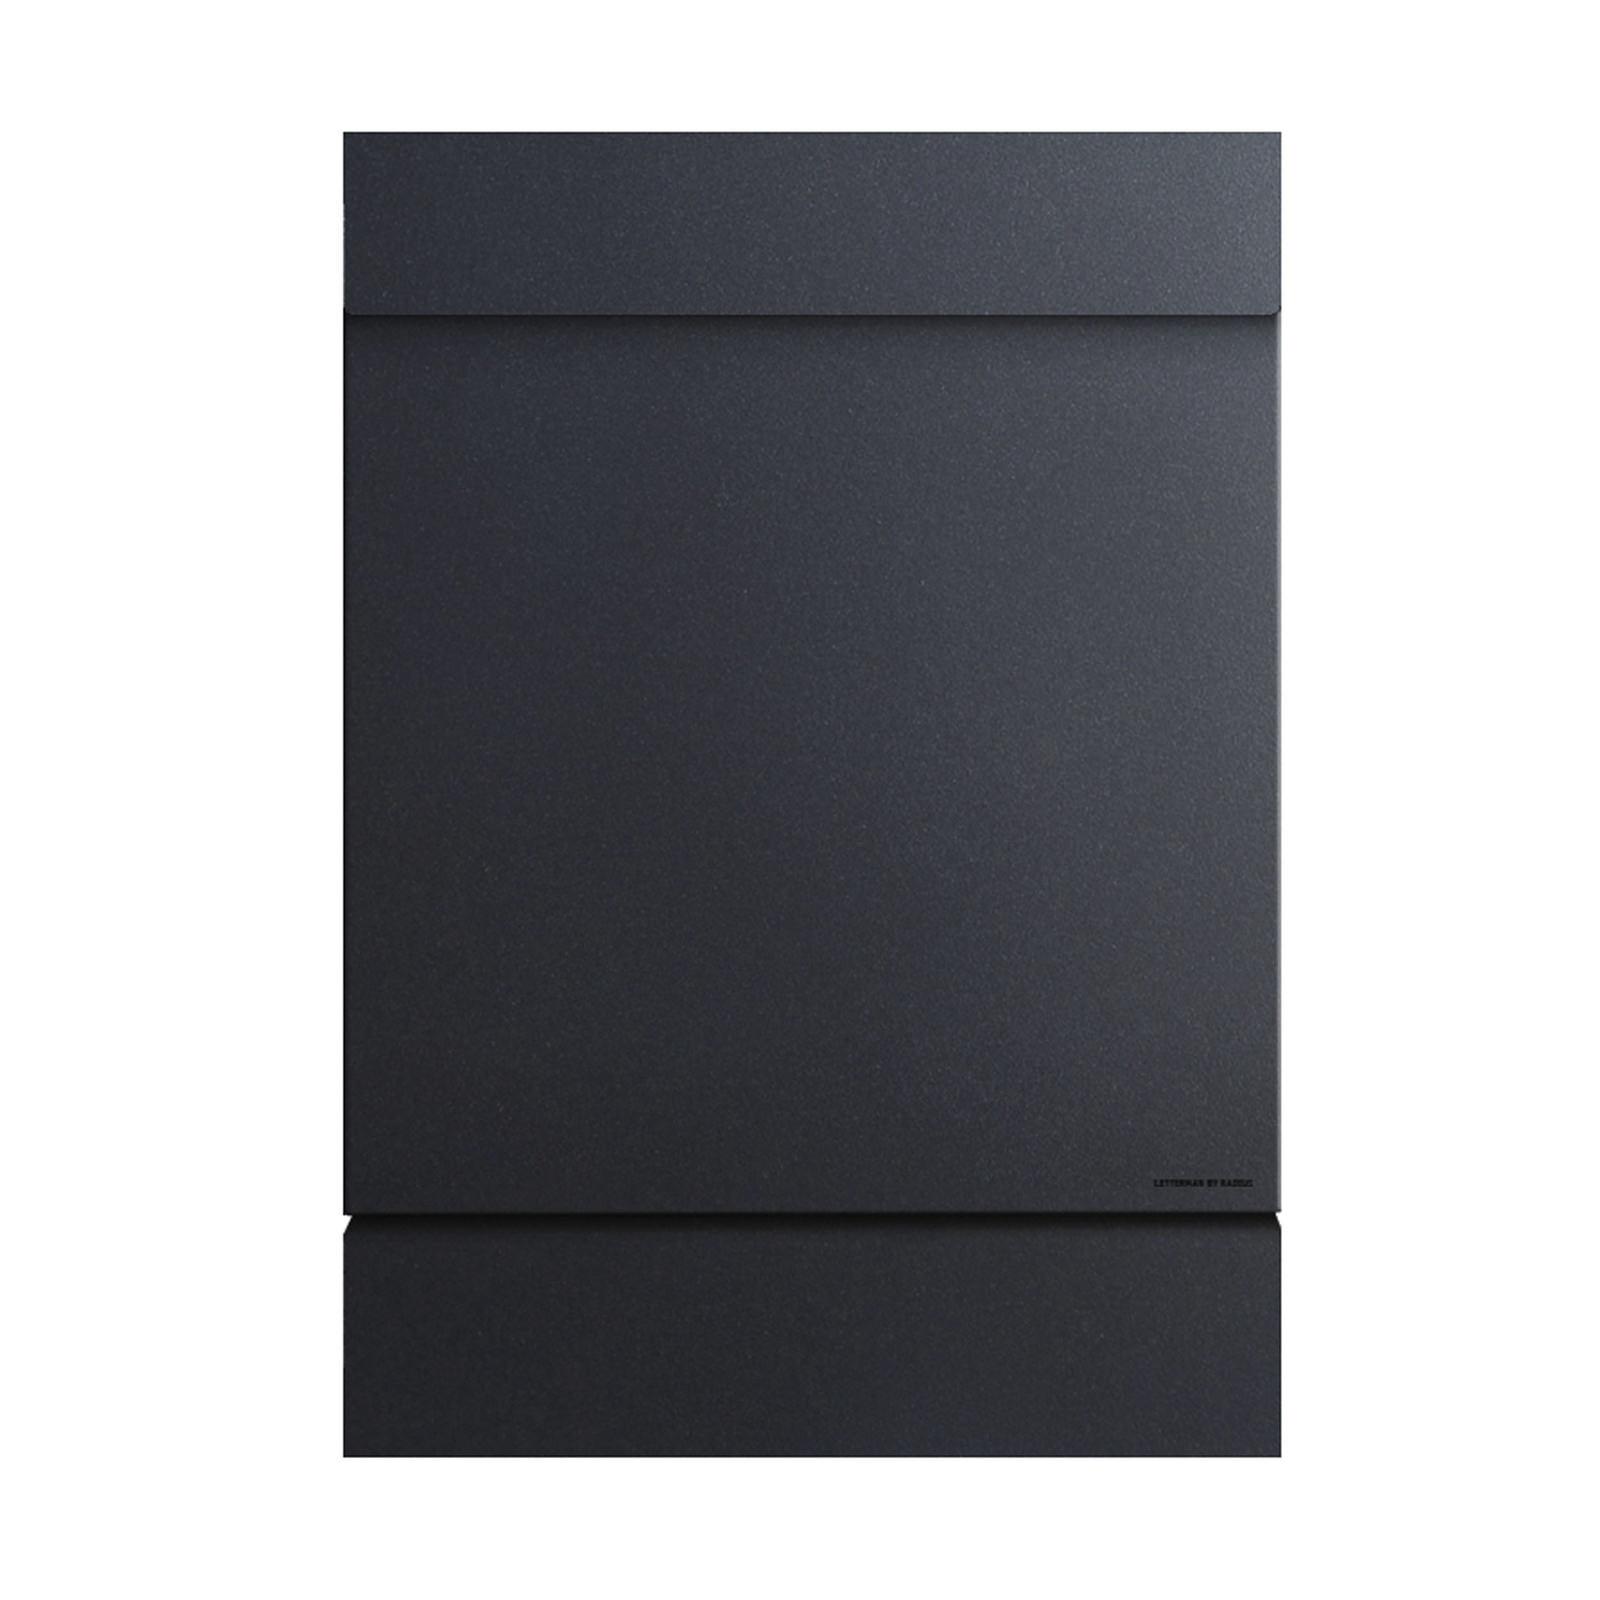 Radius Letterman M Briefkasten mit Zeitungsfach schwarz schwarz 30,5 x 11,5 cm,